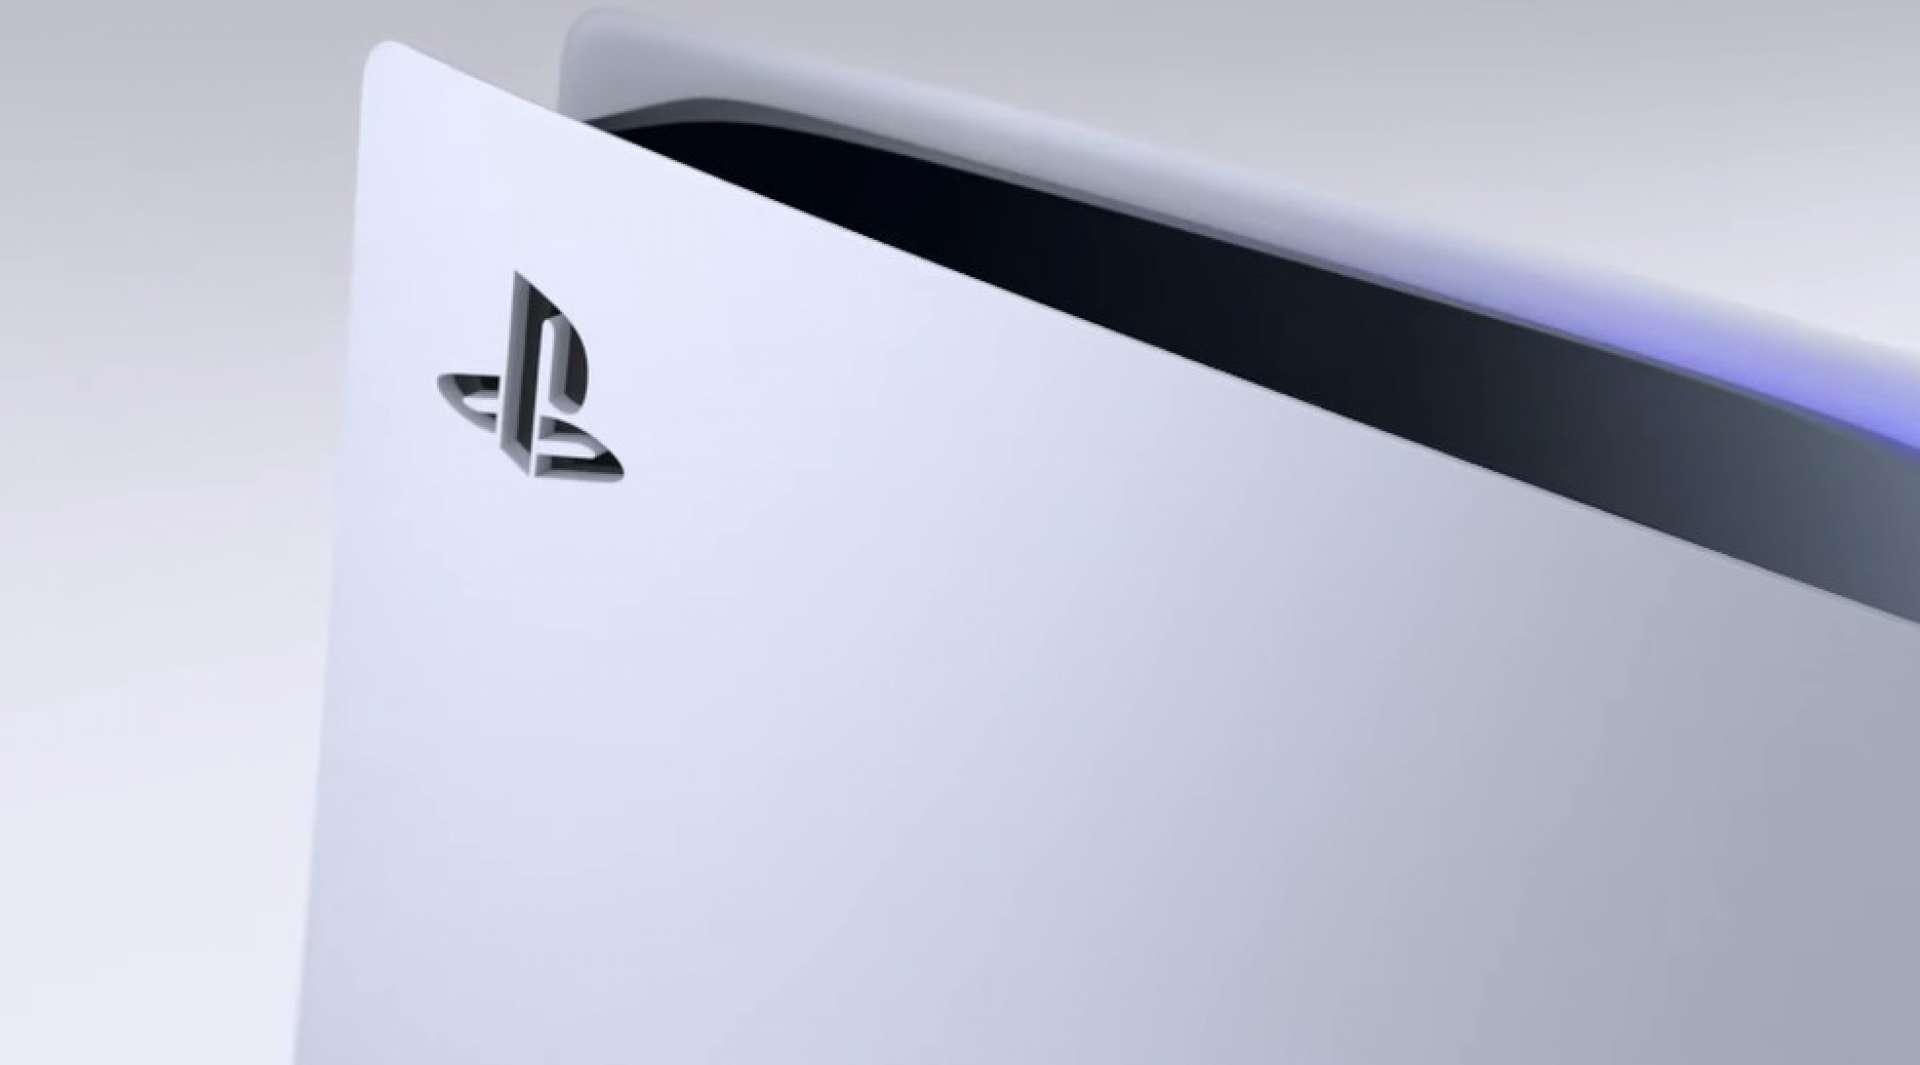 Console será lançado até o fim deste ano (Foto: Divulgação/ Sony)